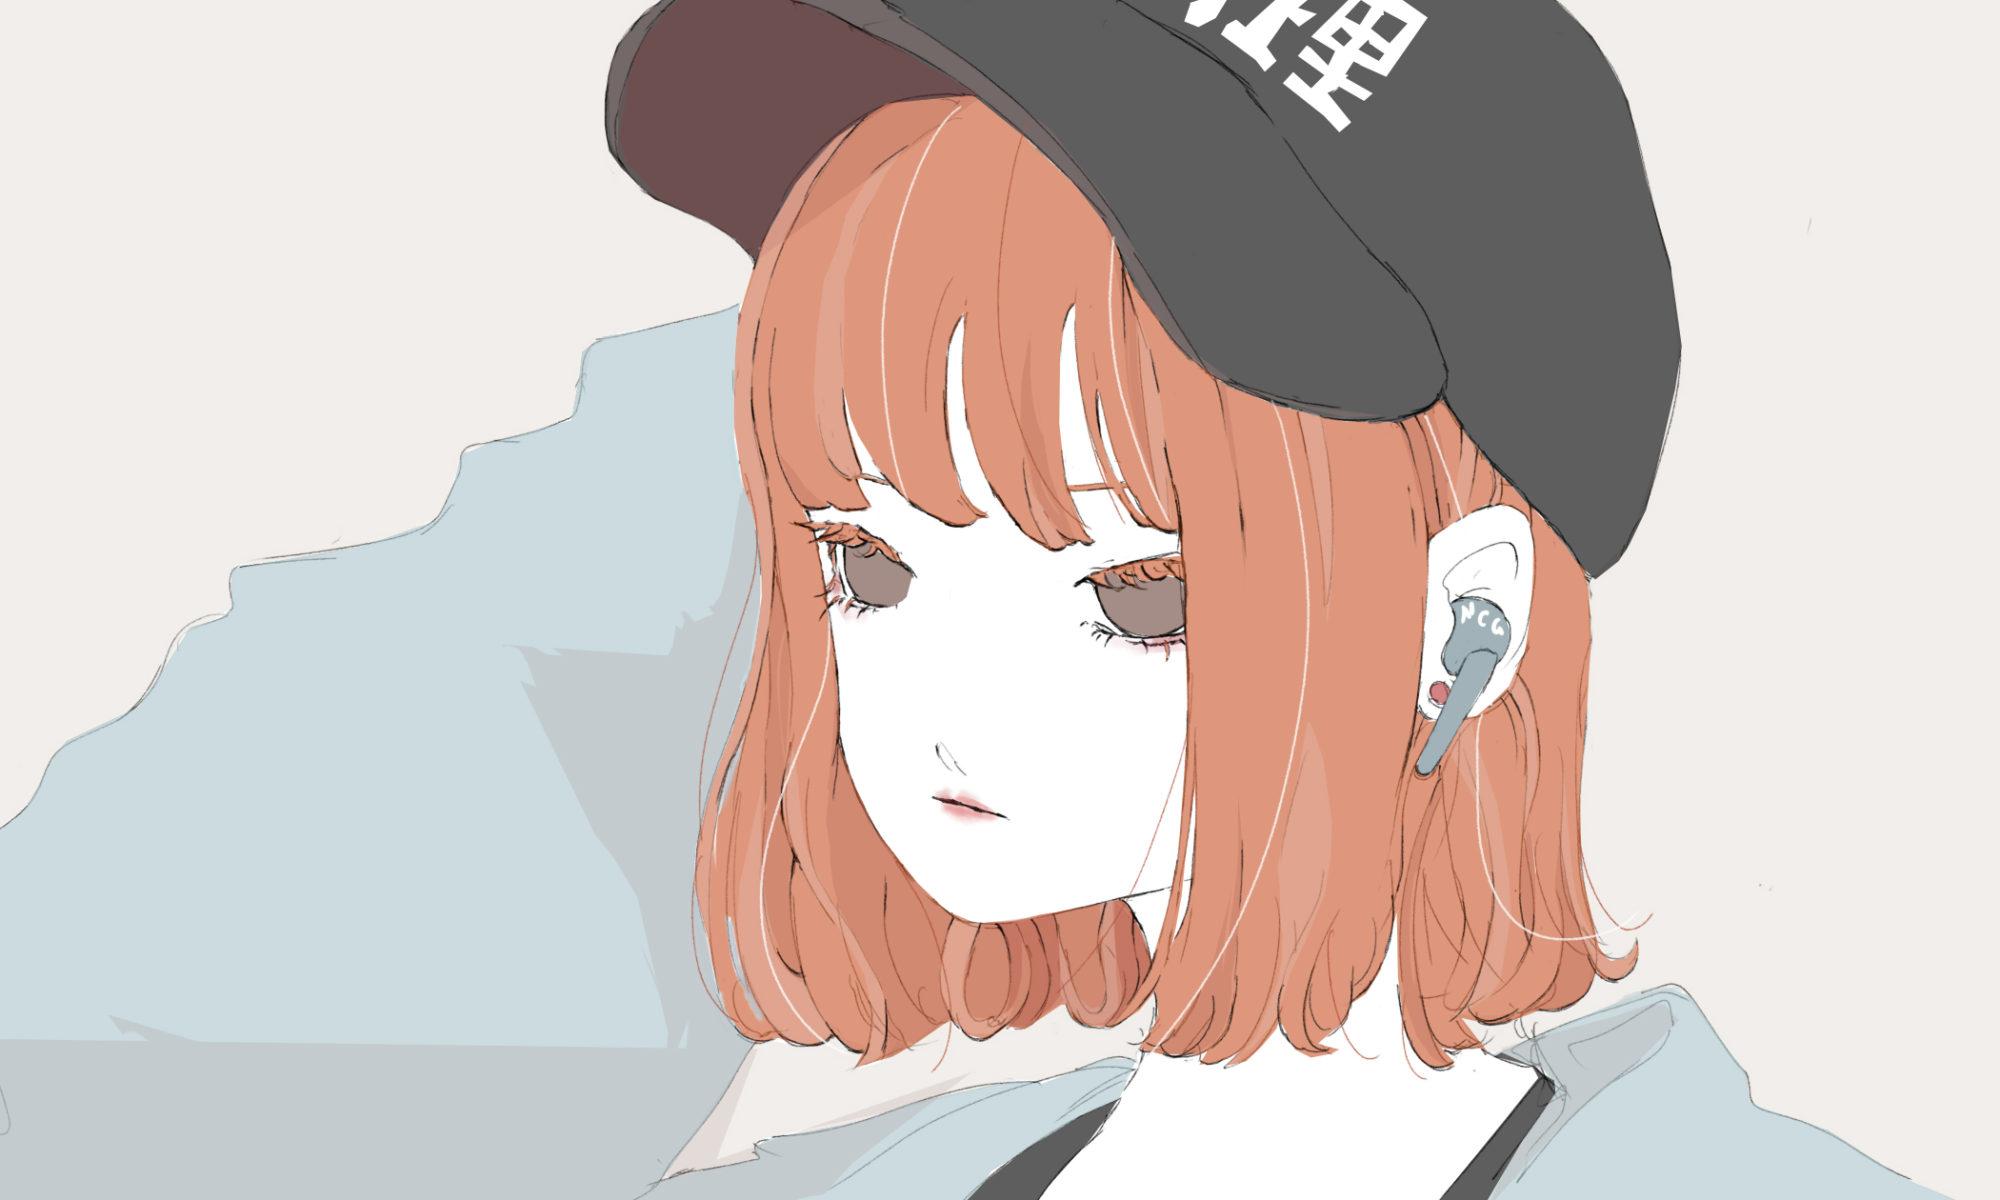 キャップかぶって音楽聴く渋谷女子のフリーイラスト